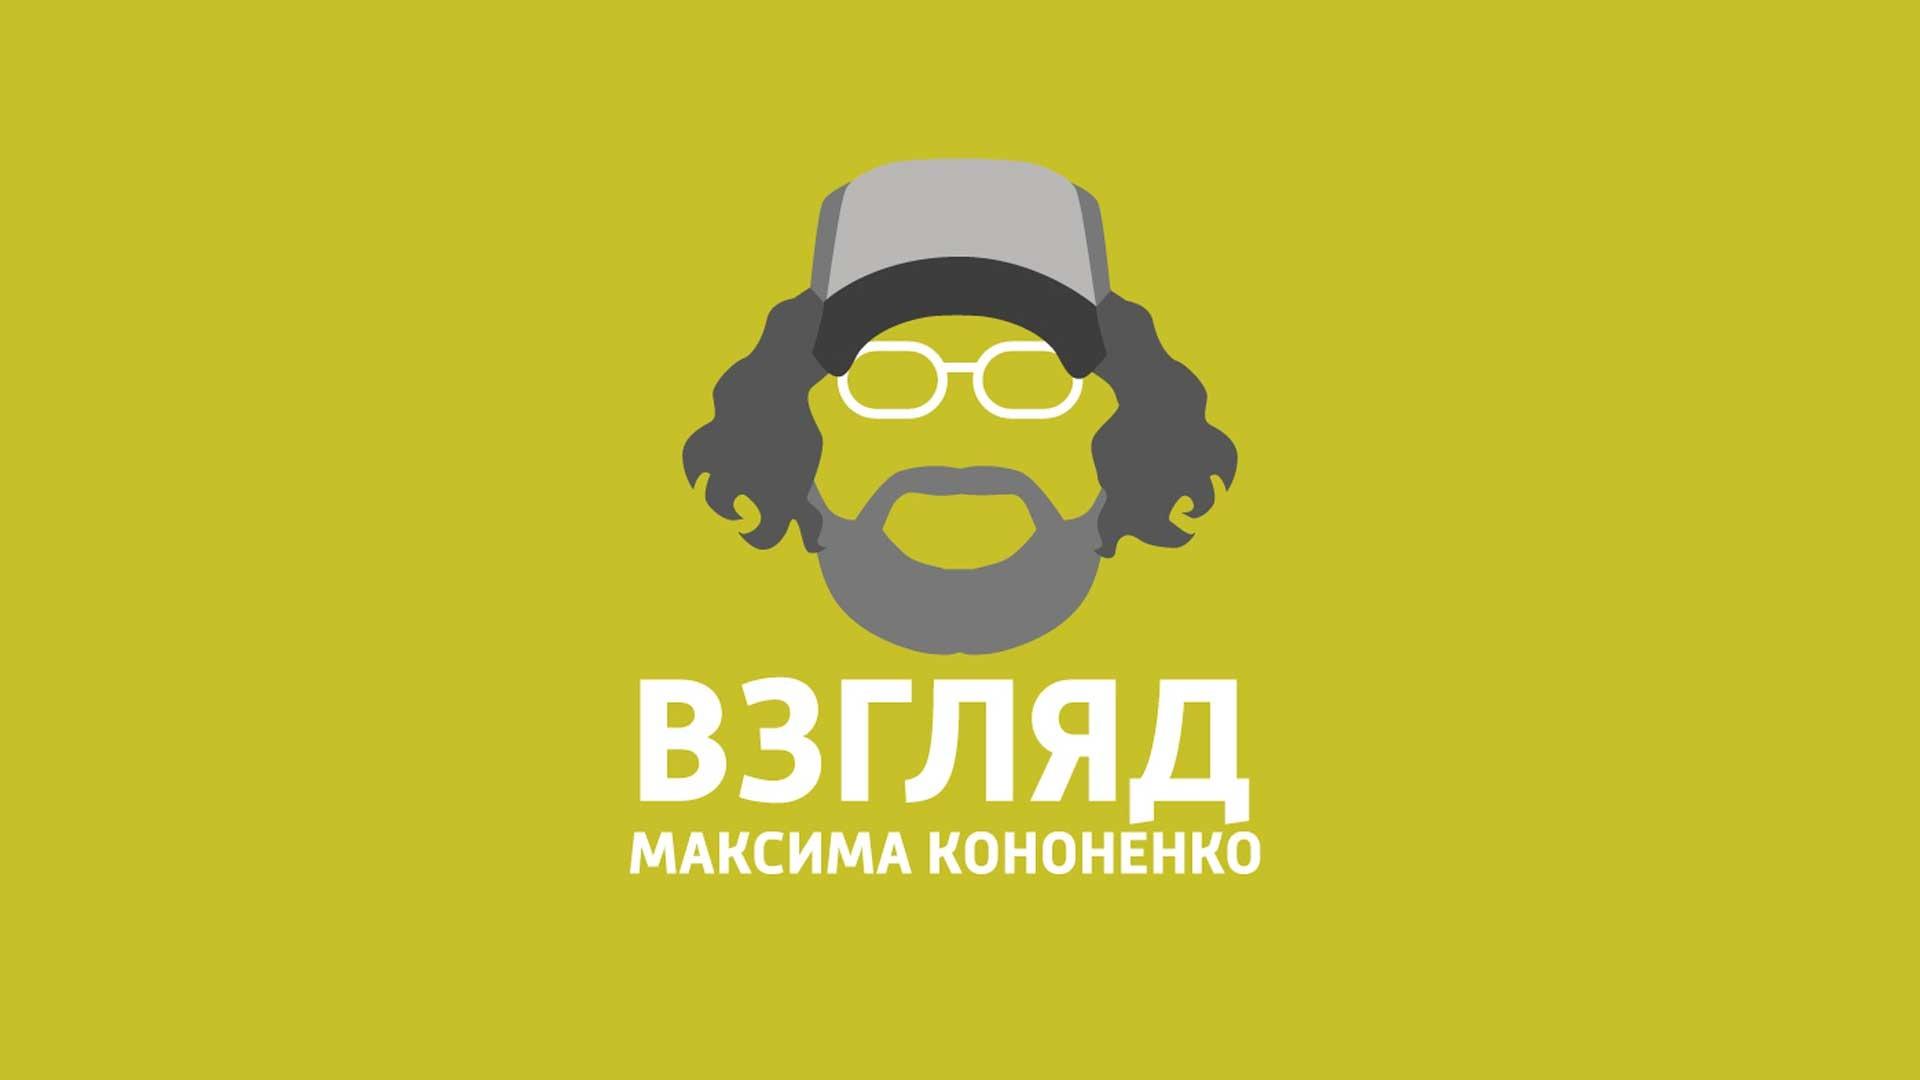 Взгляд Максима Кононенко